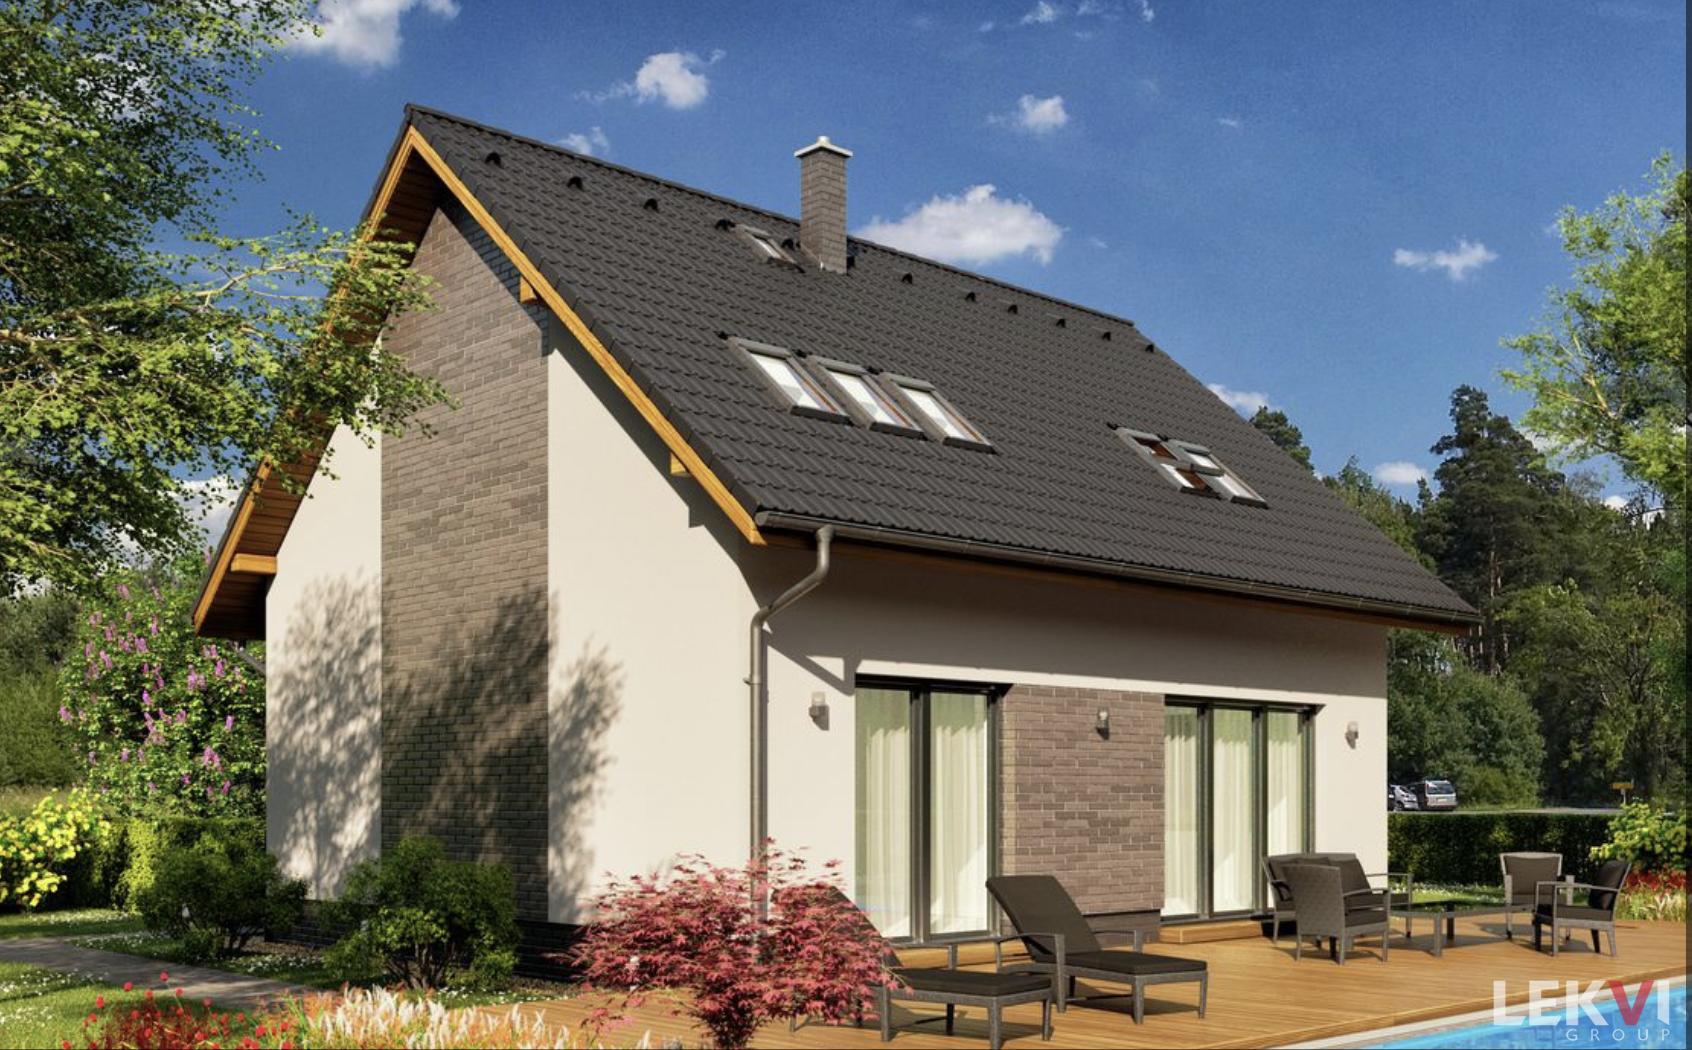 Prodej domu rodinný, 150 m2 - Kounice, Nymburk